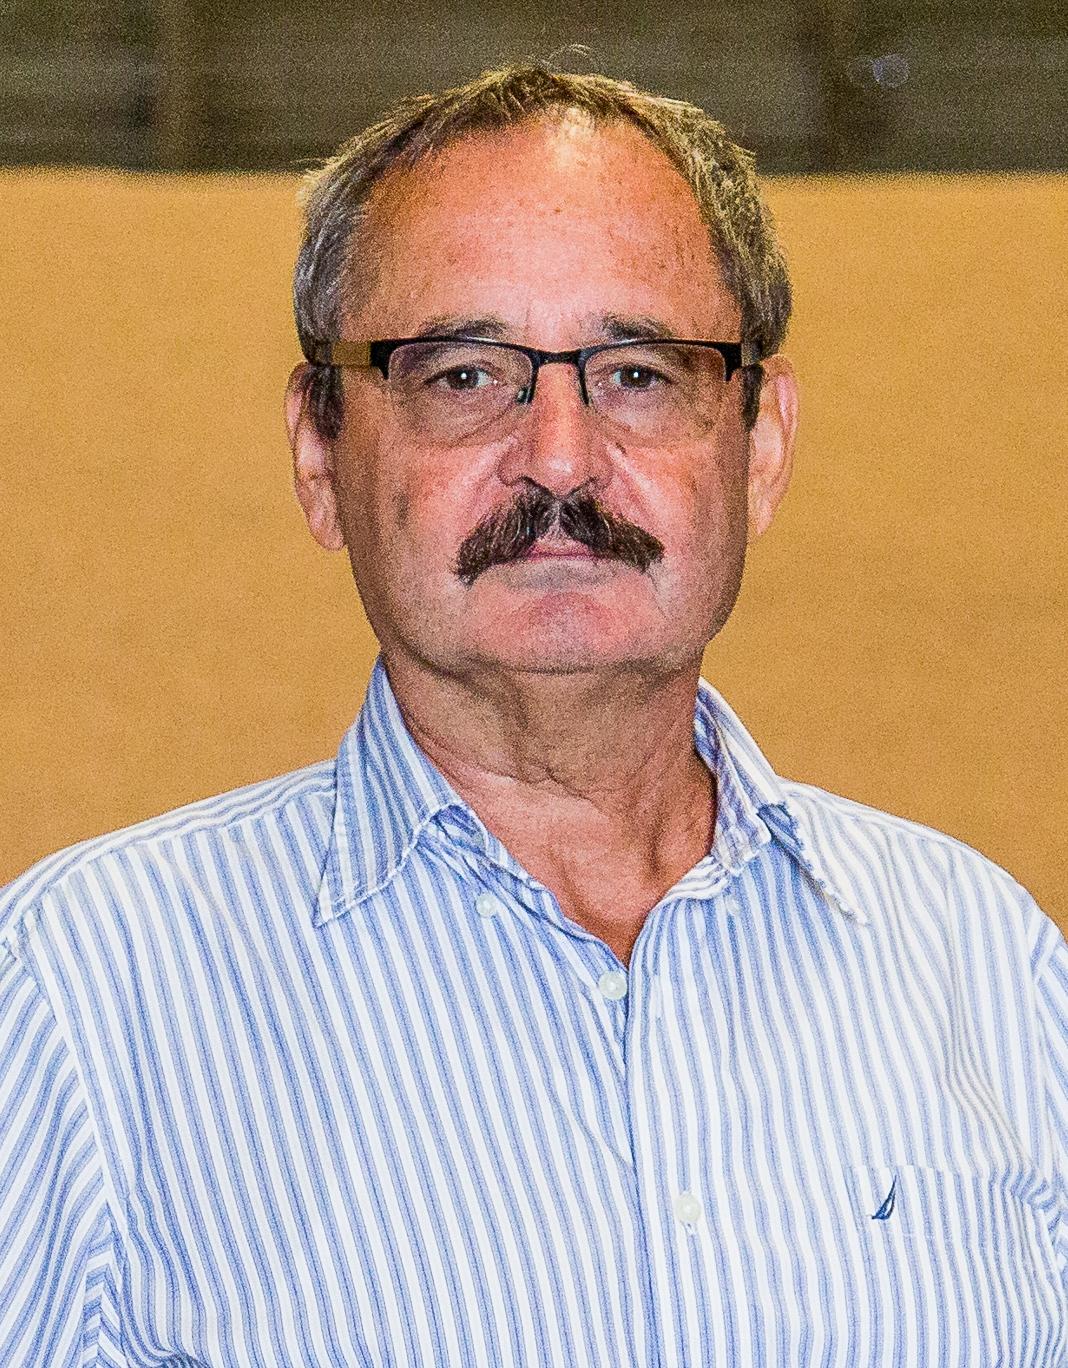 Raskó György, a Lajoskomáromi Győzelem Mezőgazdasági Kft. ügyvezetője